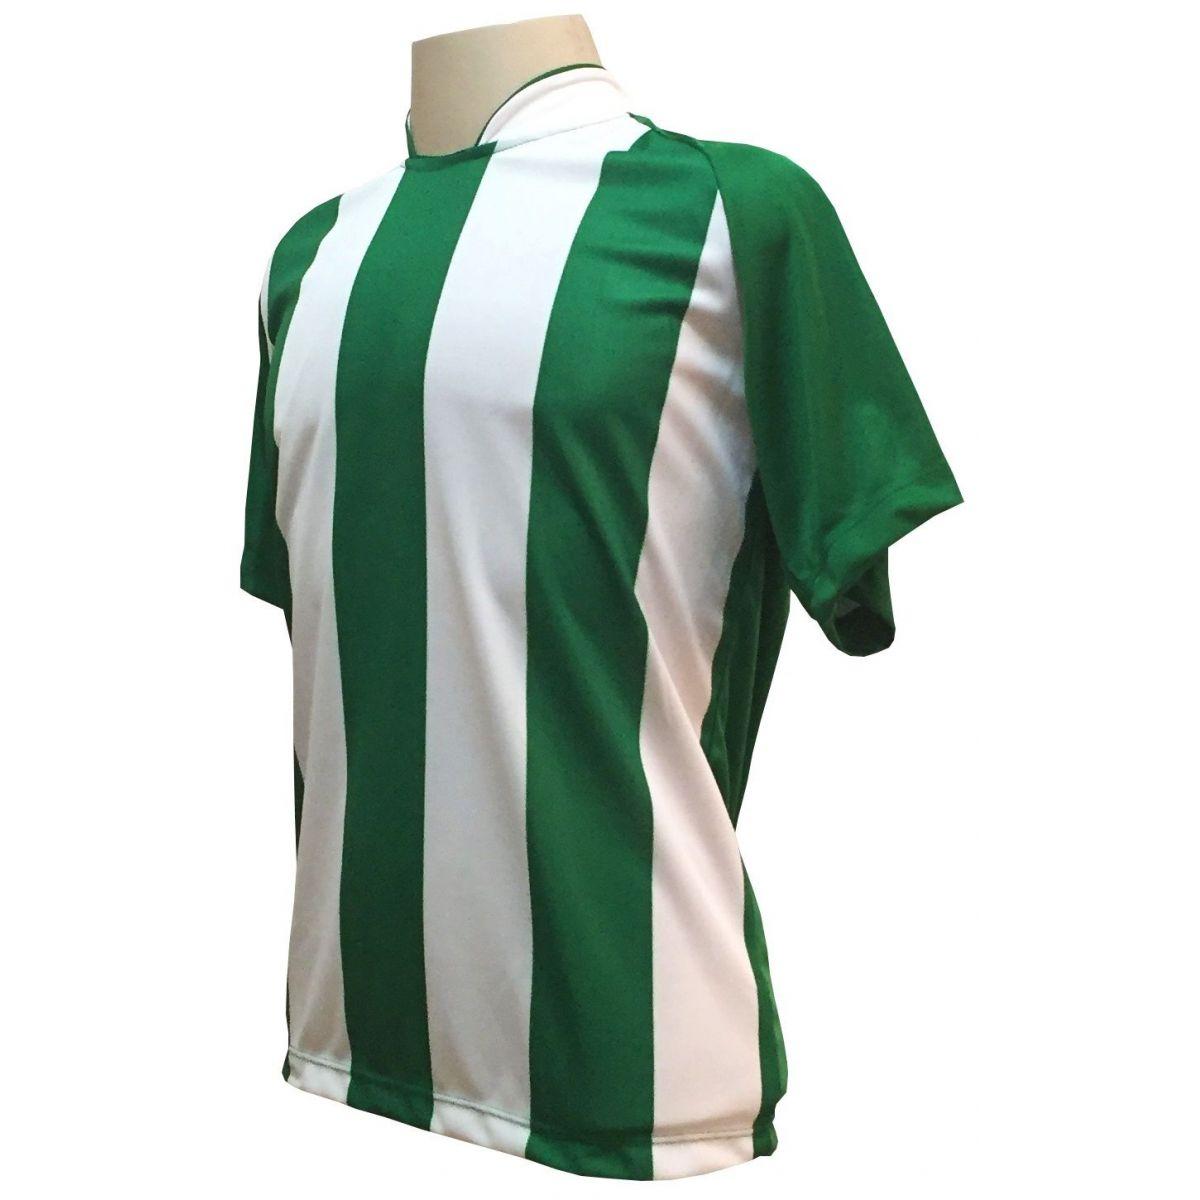 Uniforme Esportivo com 20 Camisas modelo Milan Verde/Branco + 20 Calções modelo Madrid Verde   - ESTAÇÃO DO ESPORTE